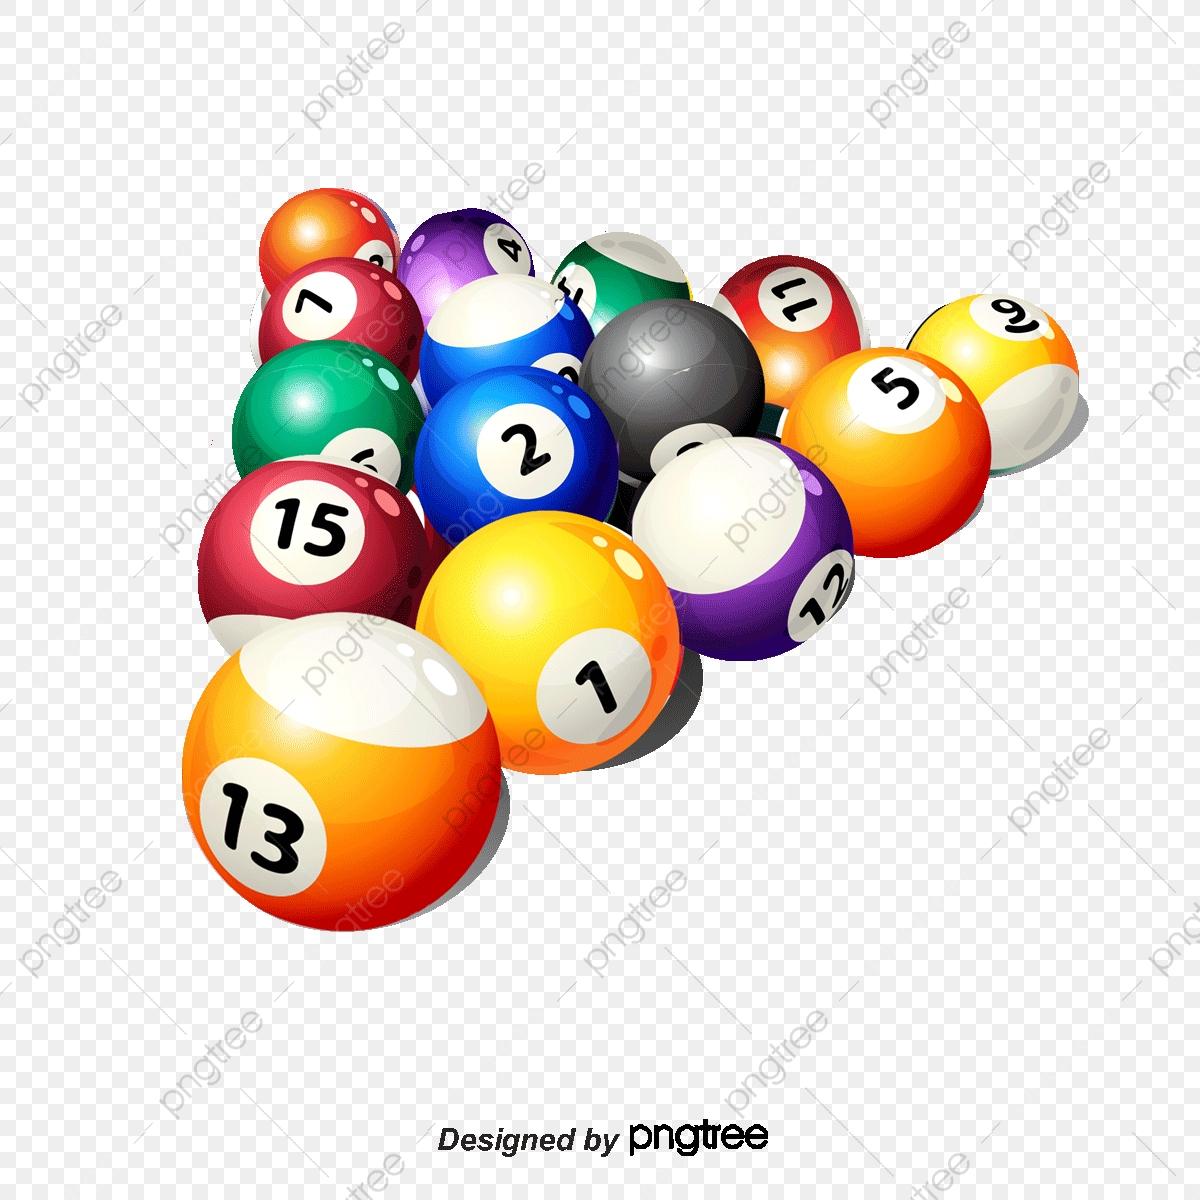 Vector Snooker, Billiards, Snooker, Vector Billiards PNG and Vector.